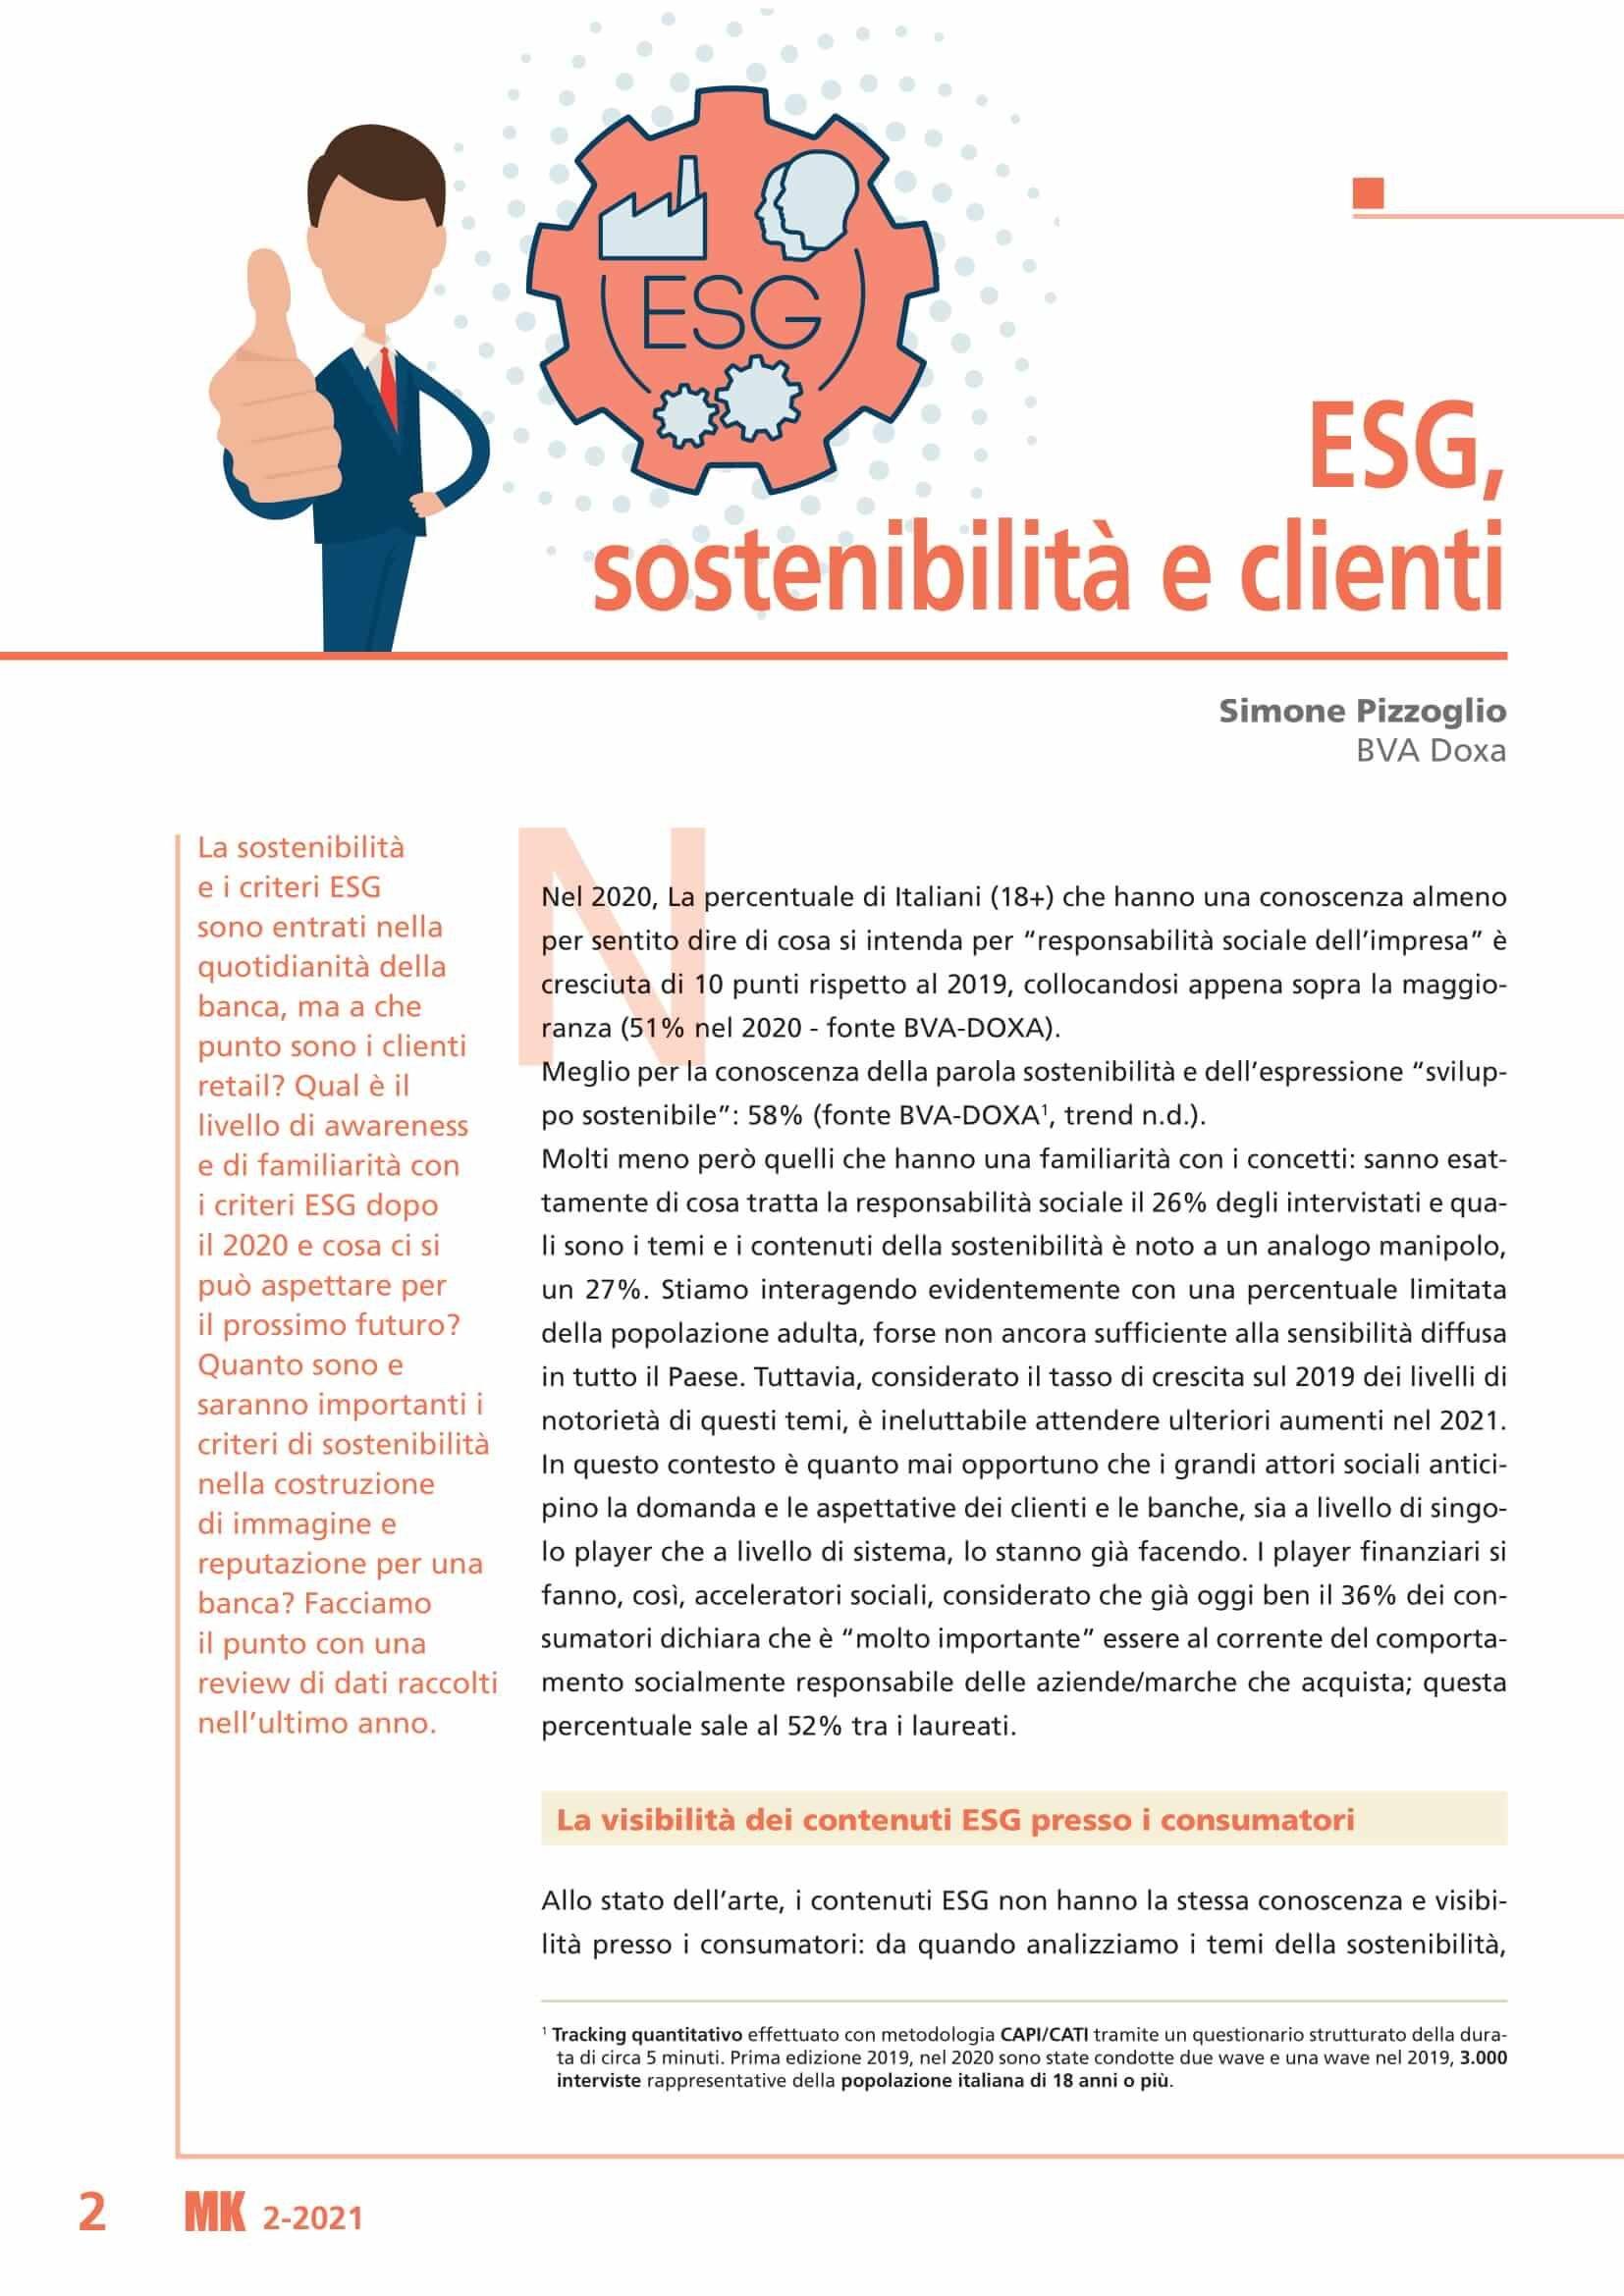 Esg Sostenibilità E Clienti Estratto Pizzoglio 03